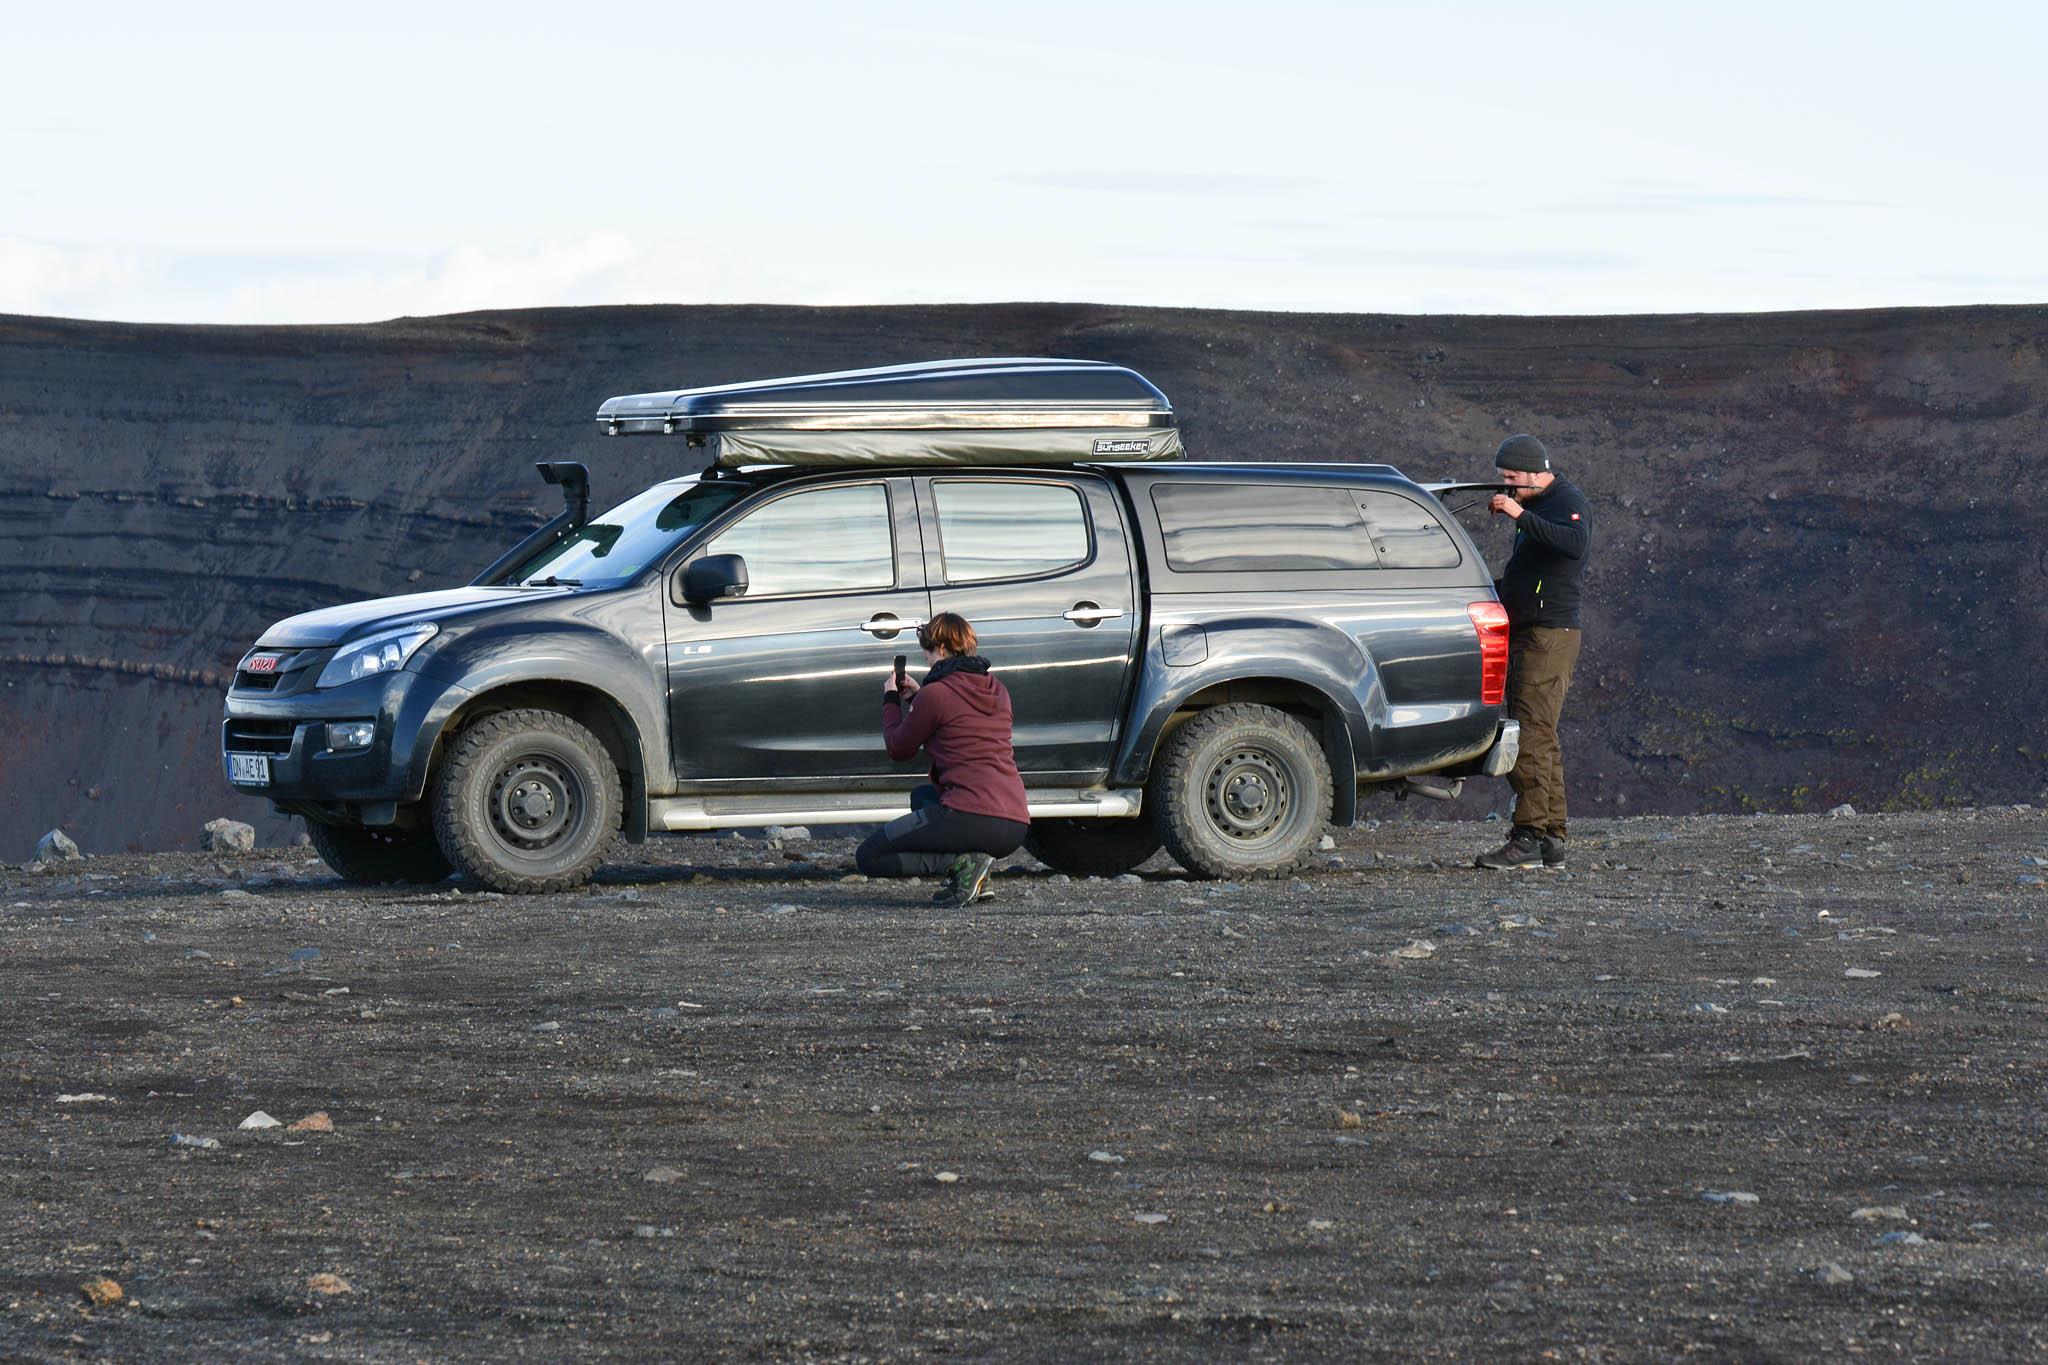 """""""Allein allein"""" am Kraterrand. In entlegenen Gebieten sollten Kraftstoffreserven immer an Bord sein."""